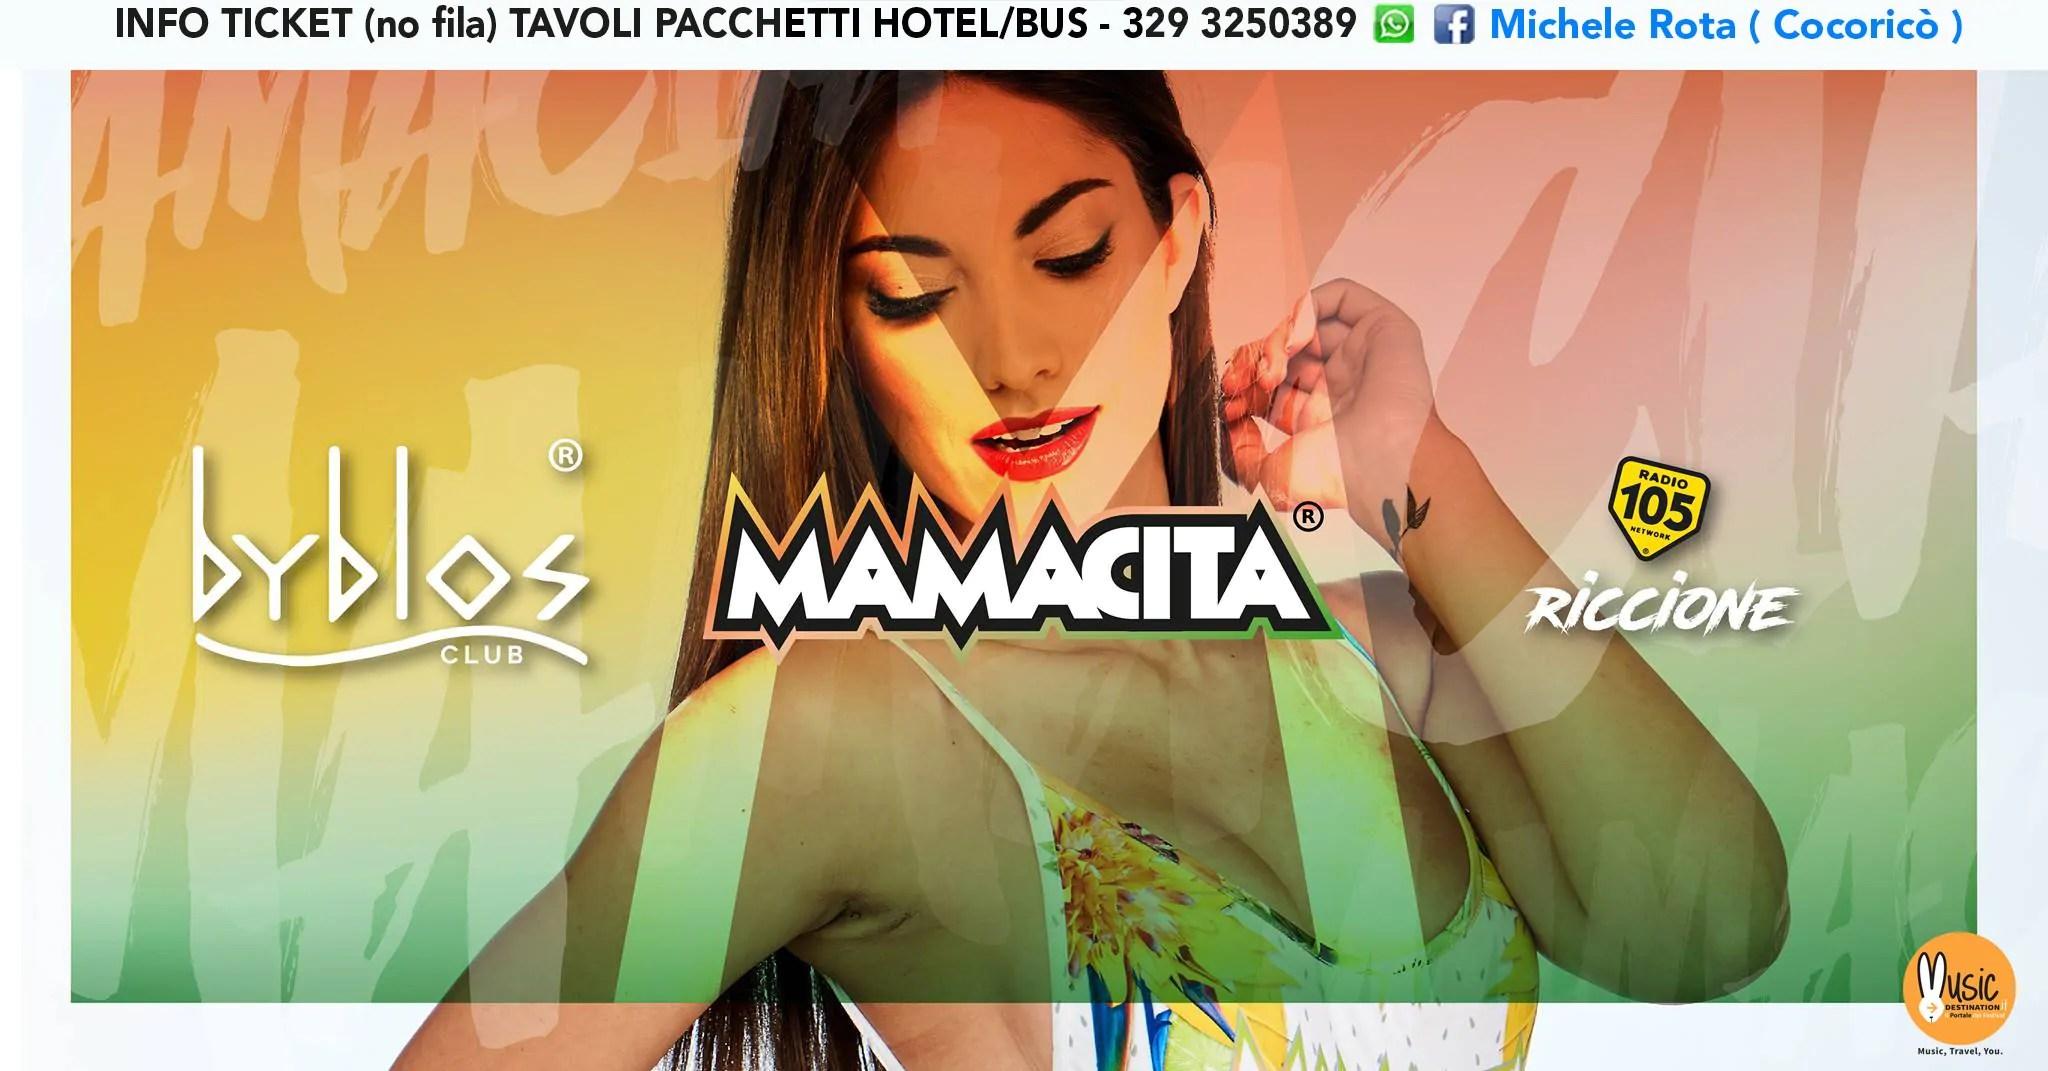 Mamacita Byblos Riccione 2018